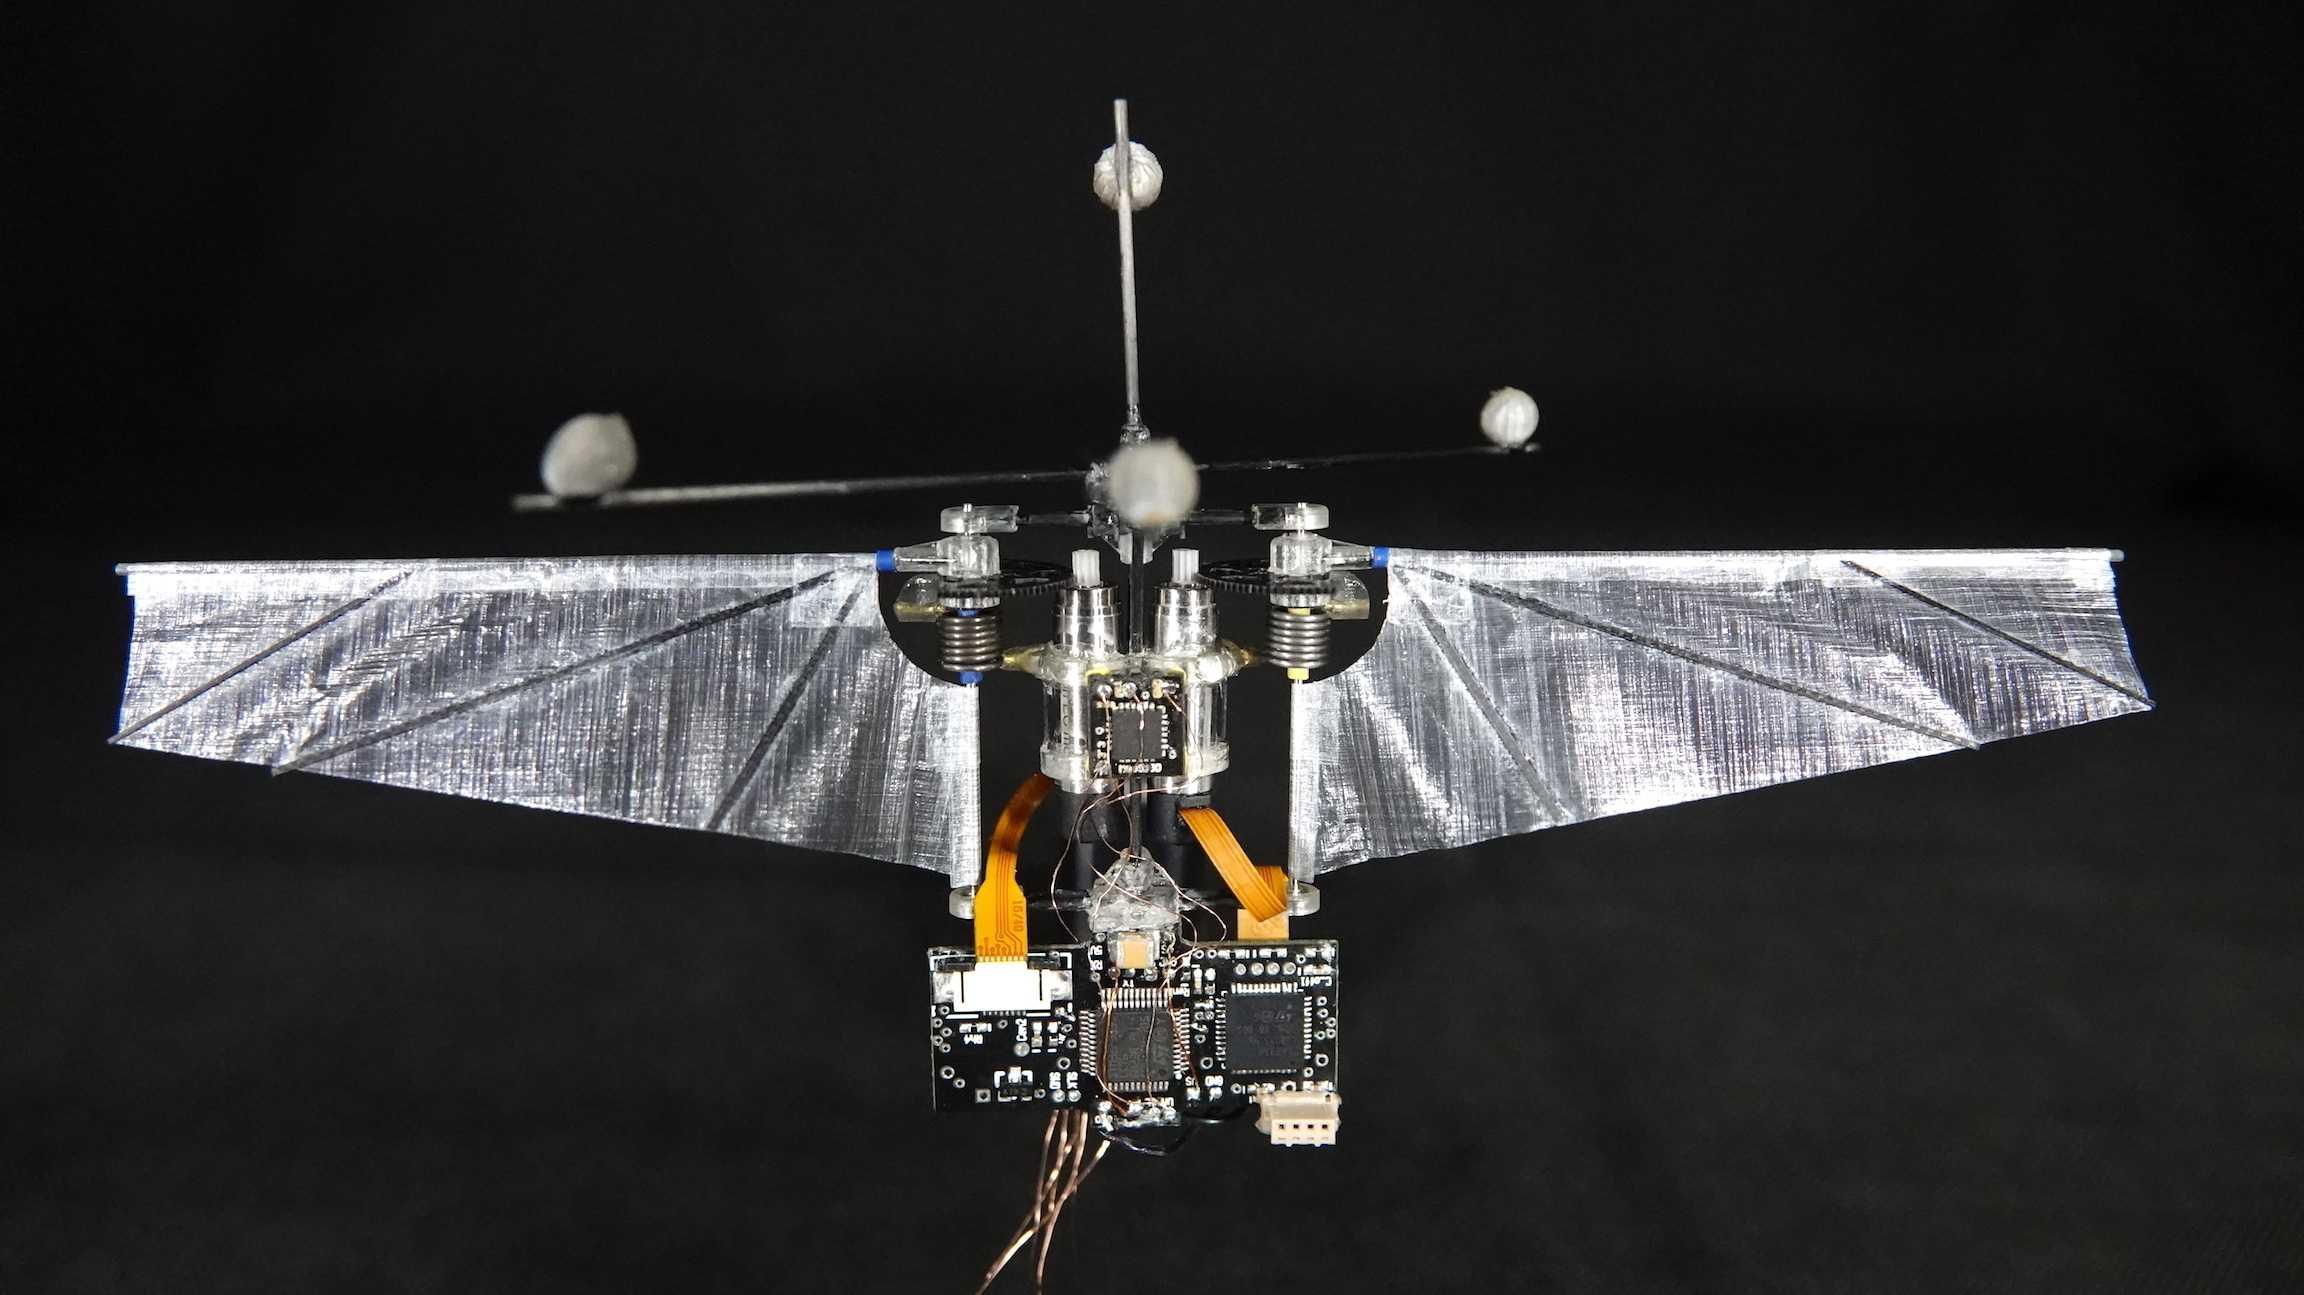 Kleiner Flugroboter: Manöver wie ein Kolibri